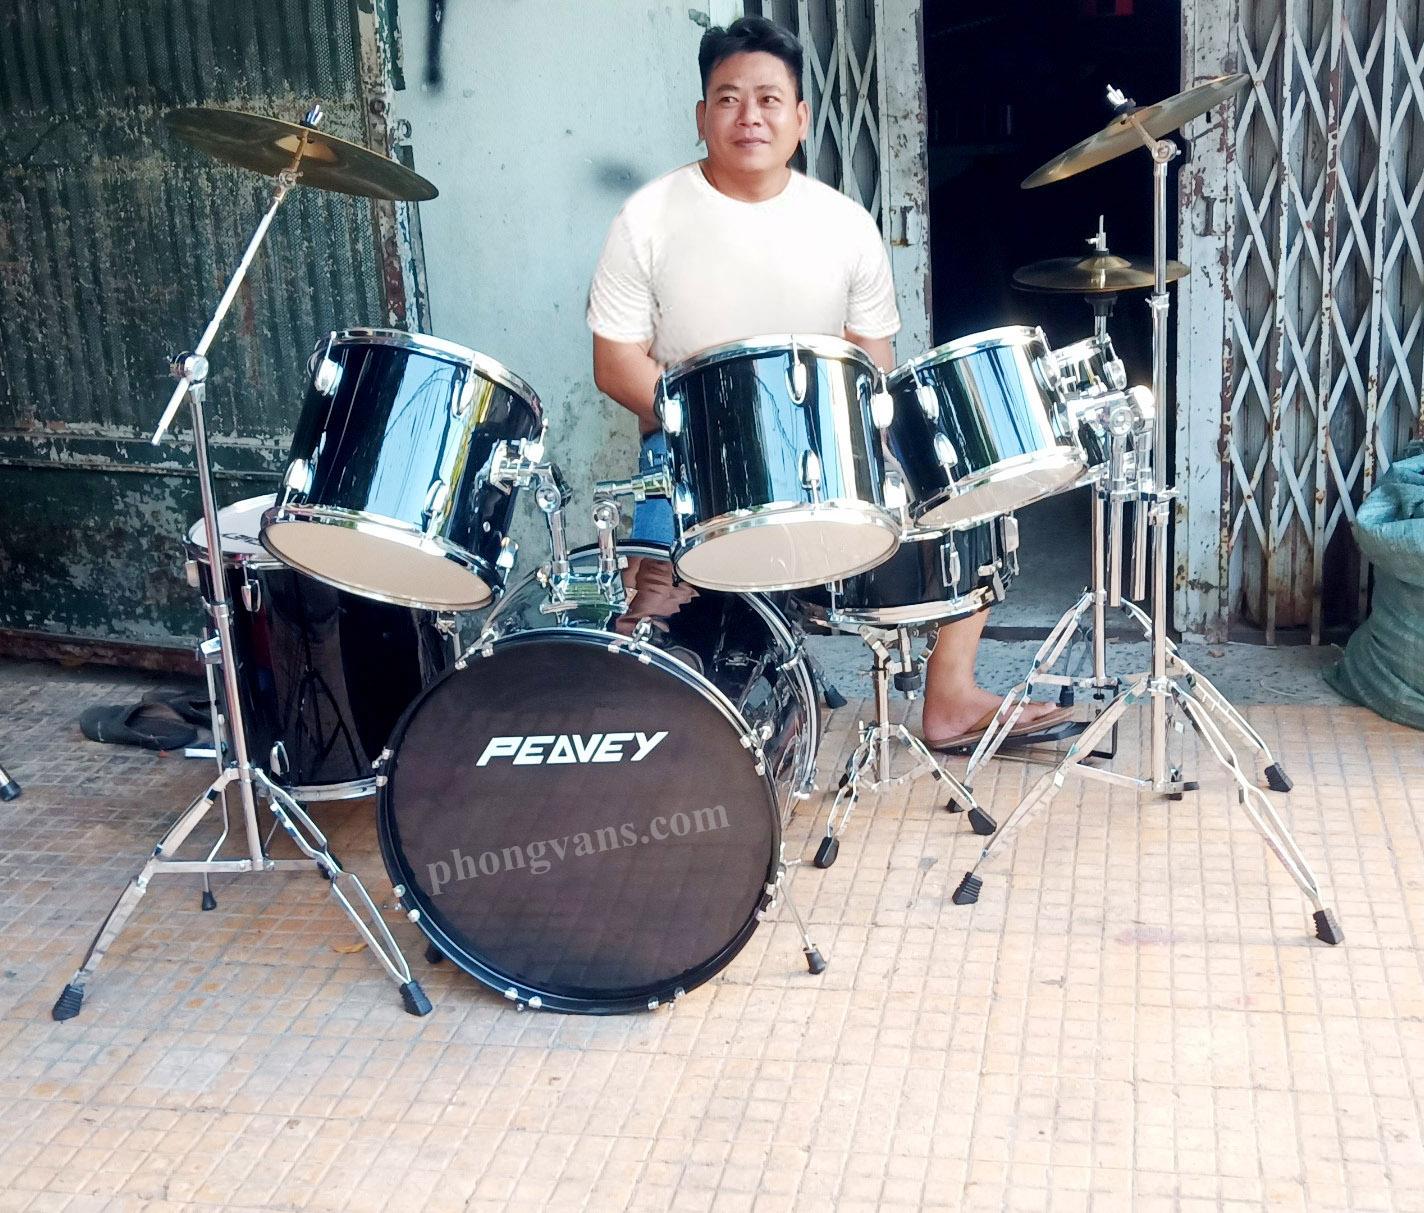 Bộ trống jazz Peavey drum màu đen